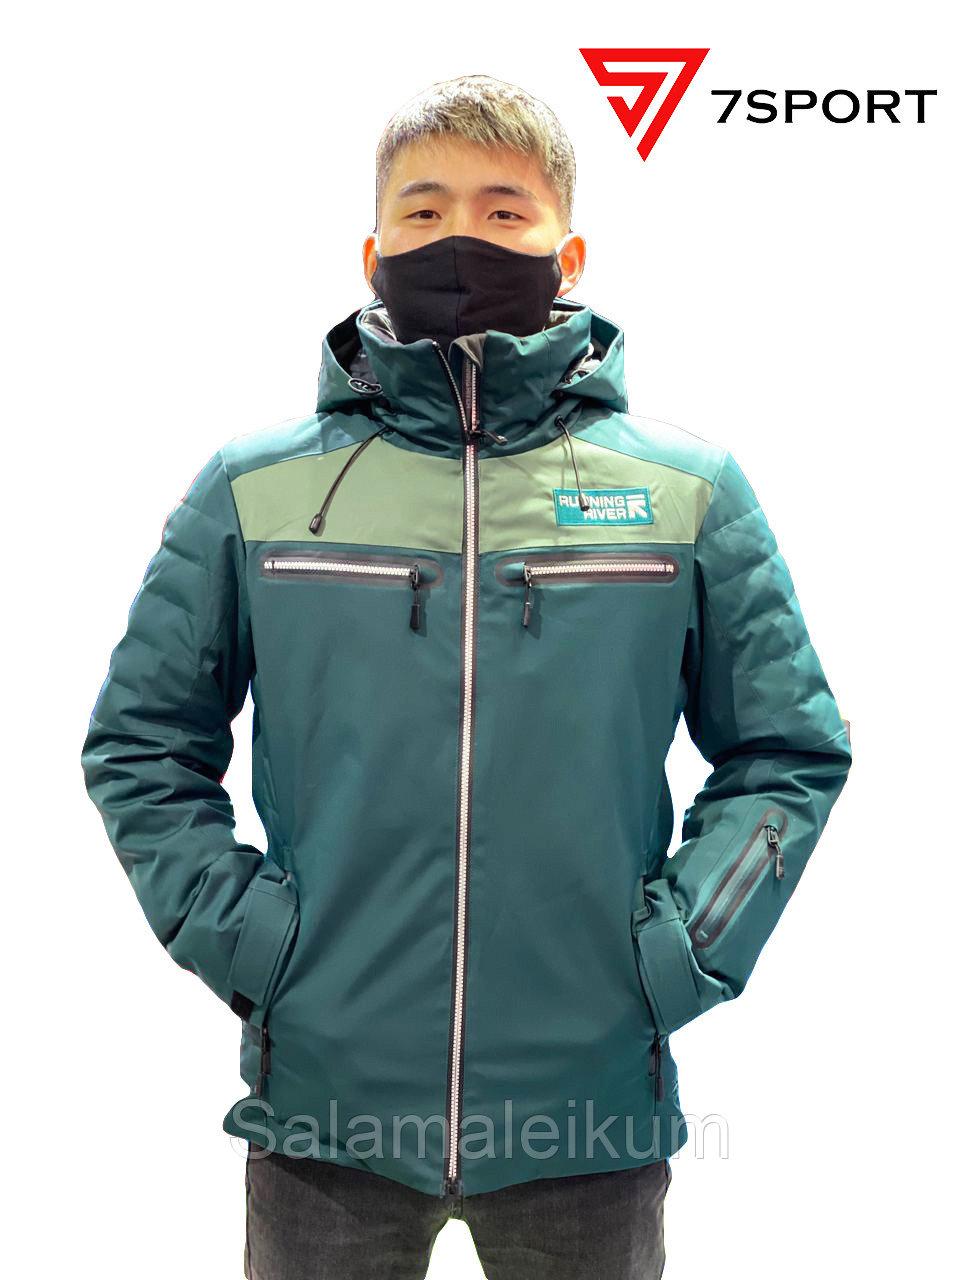 Горнолыжный костюм Running river в Алматы доставка по Казахстану и СНГ!